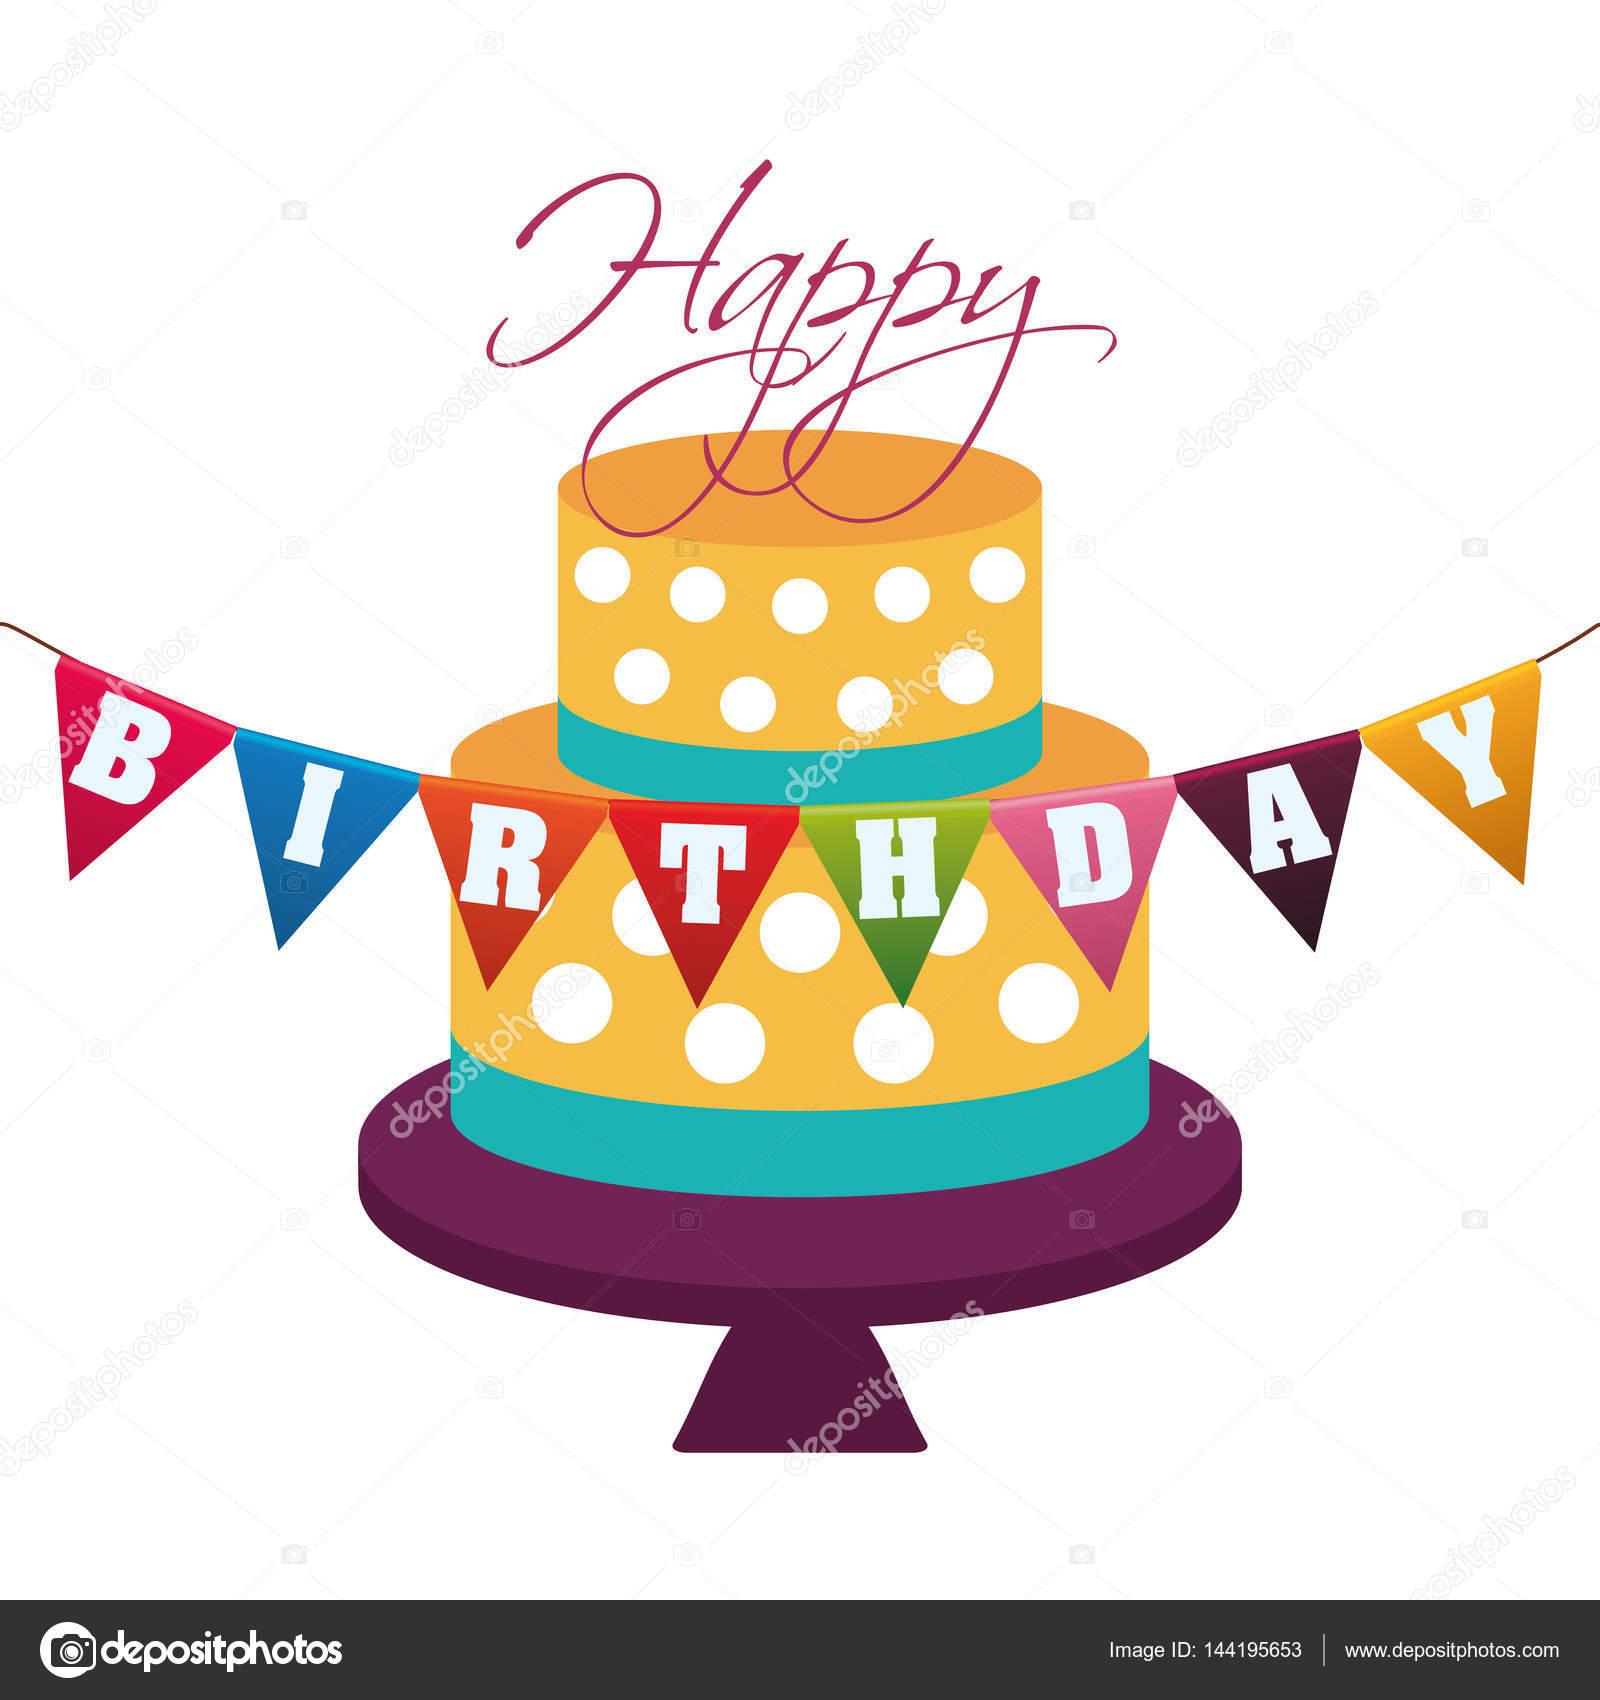 puntos decorativos de torta feliz cumpleaños garland — Archivo ...